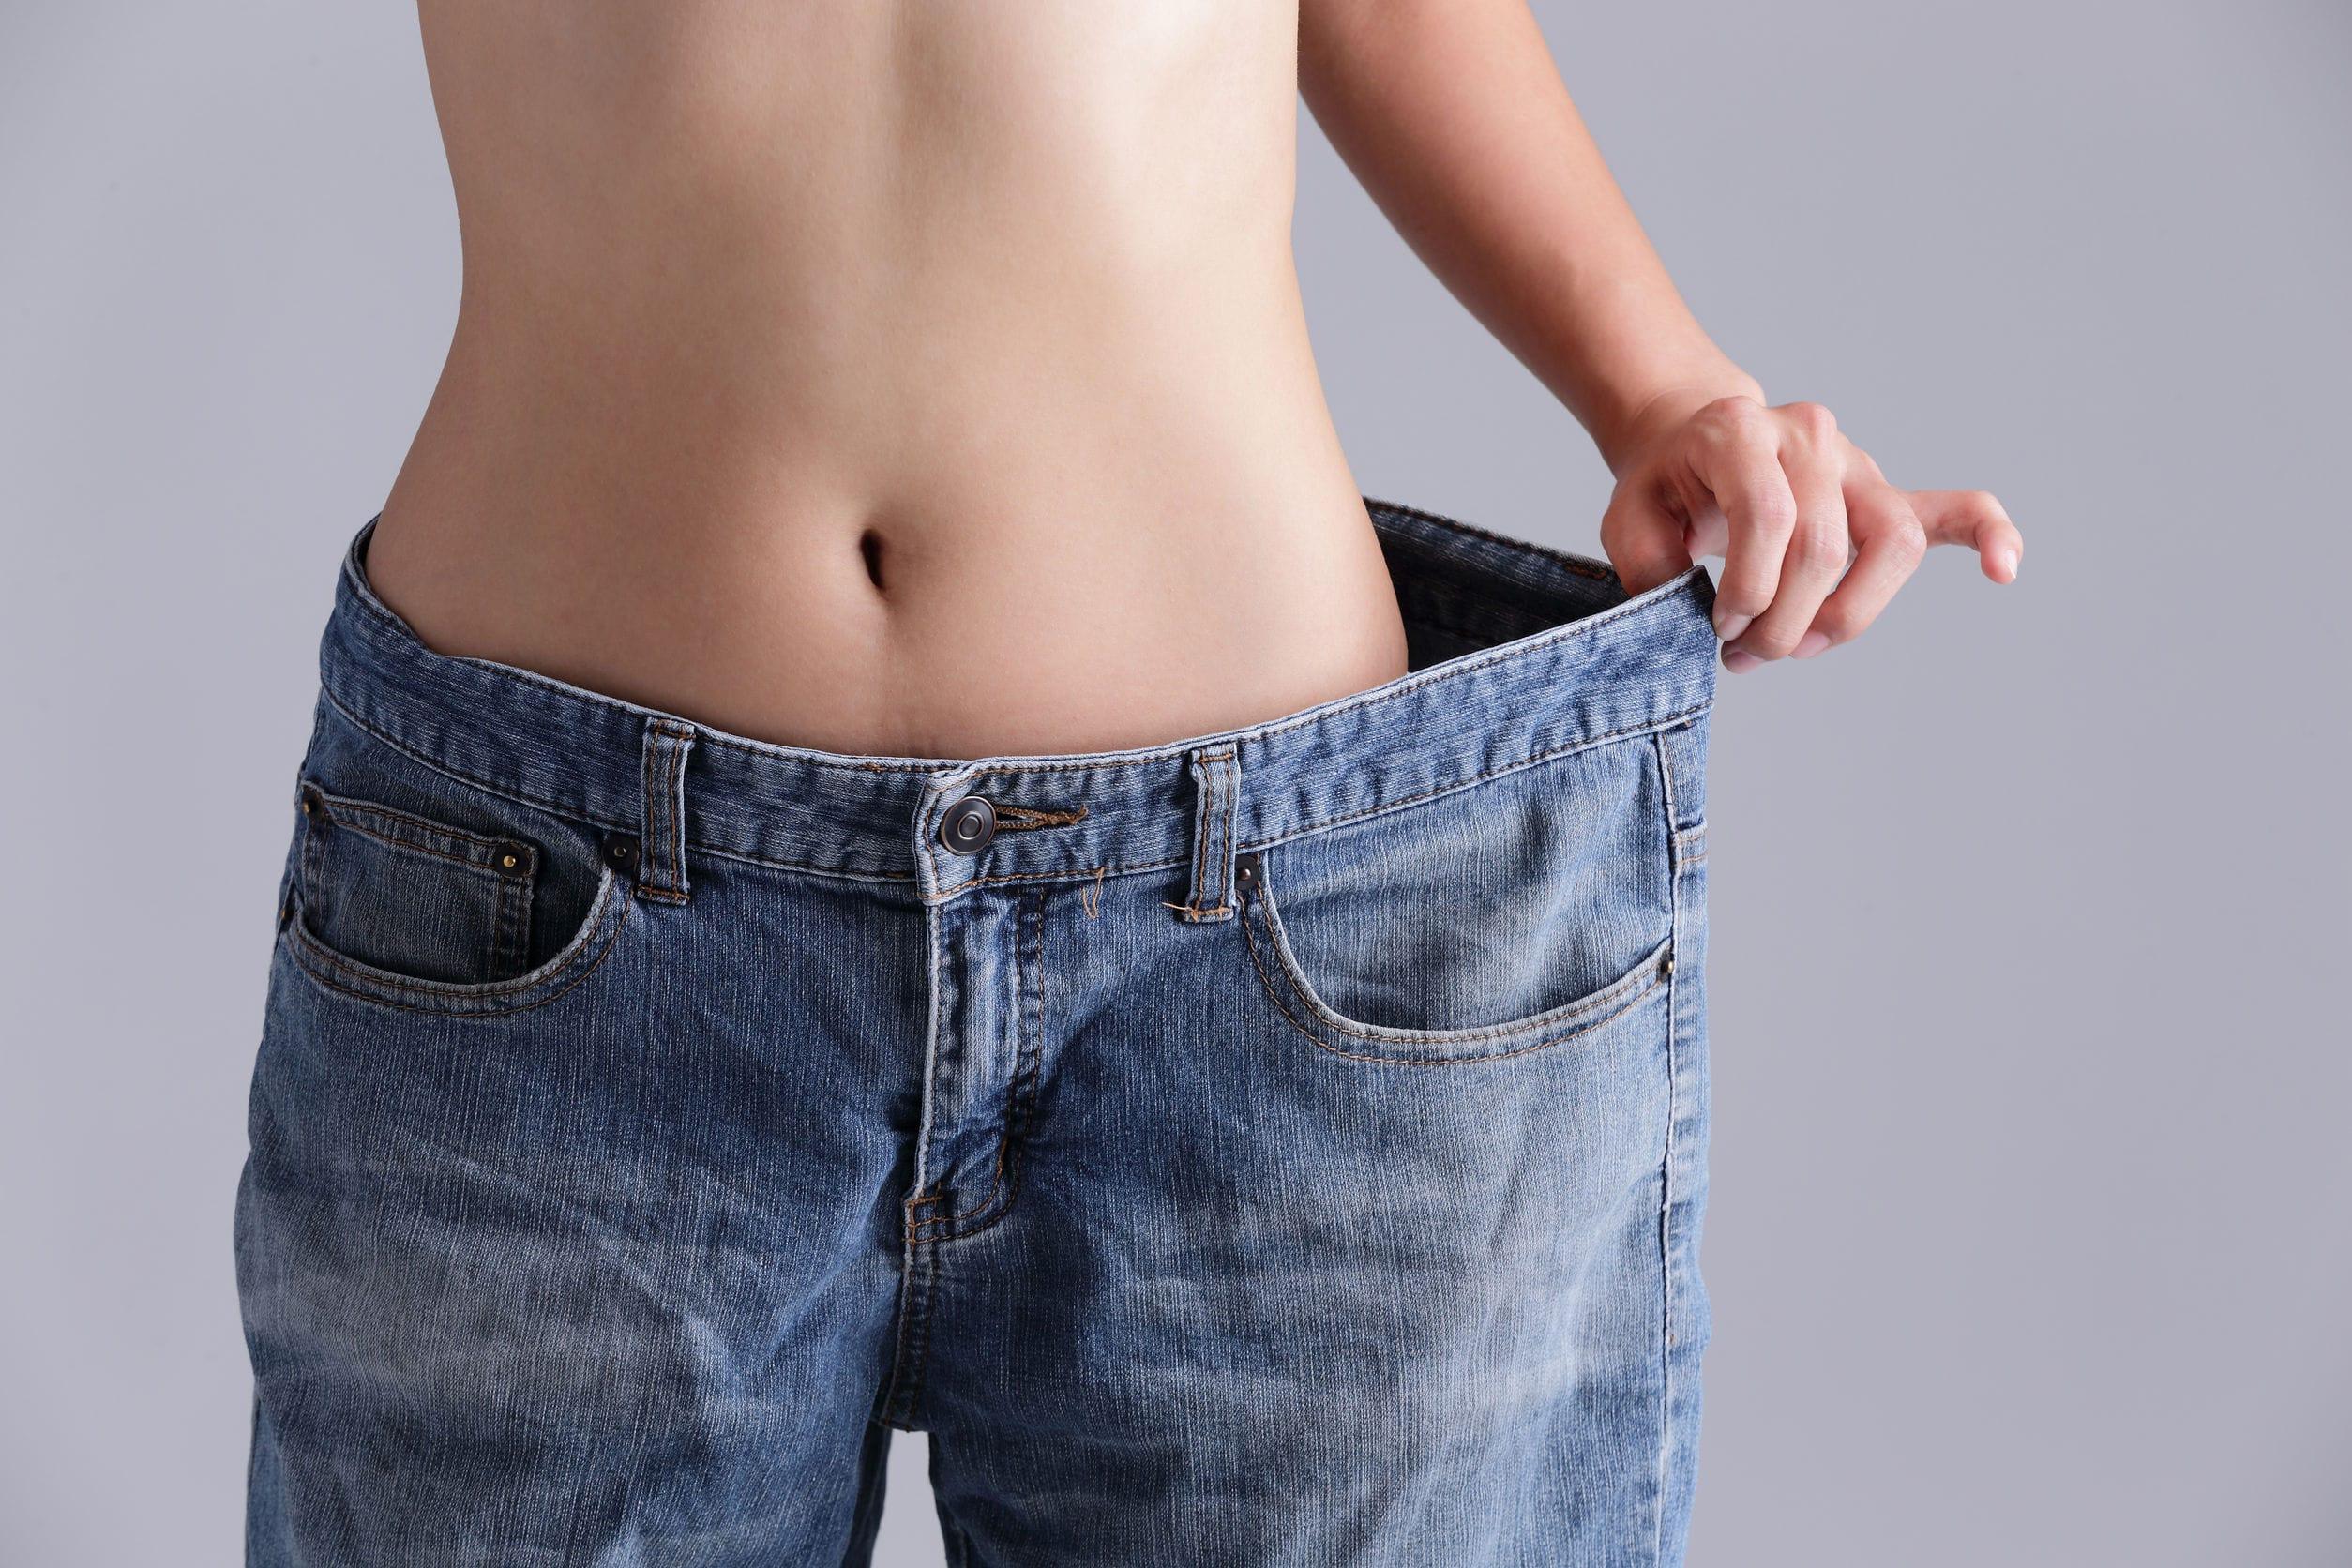 20キロダイエット痩せた